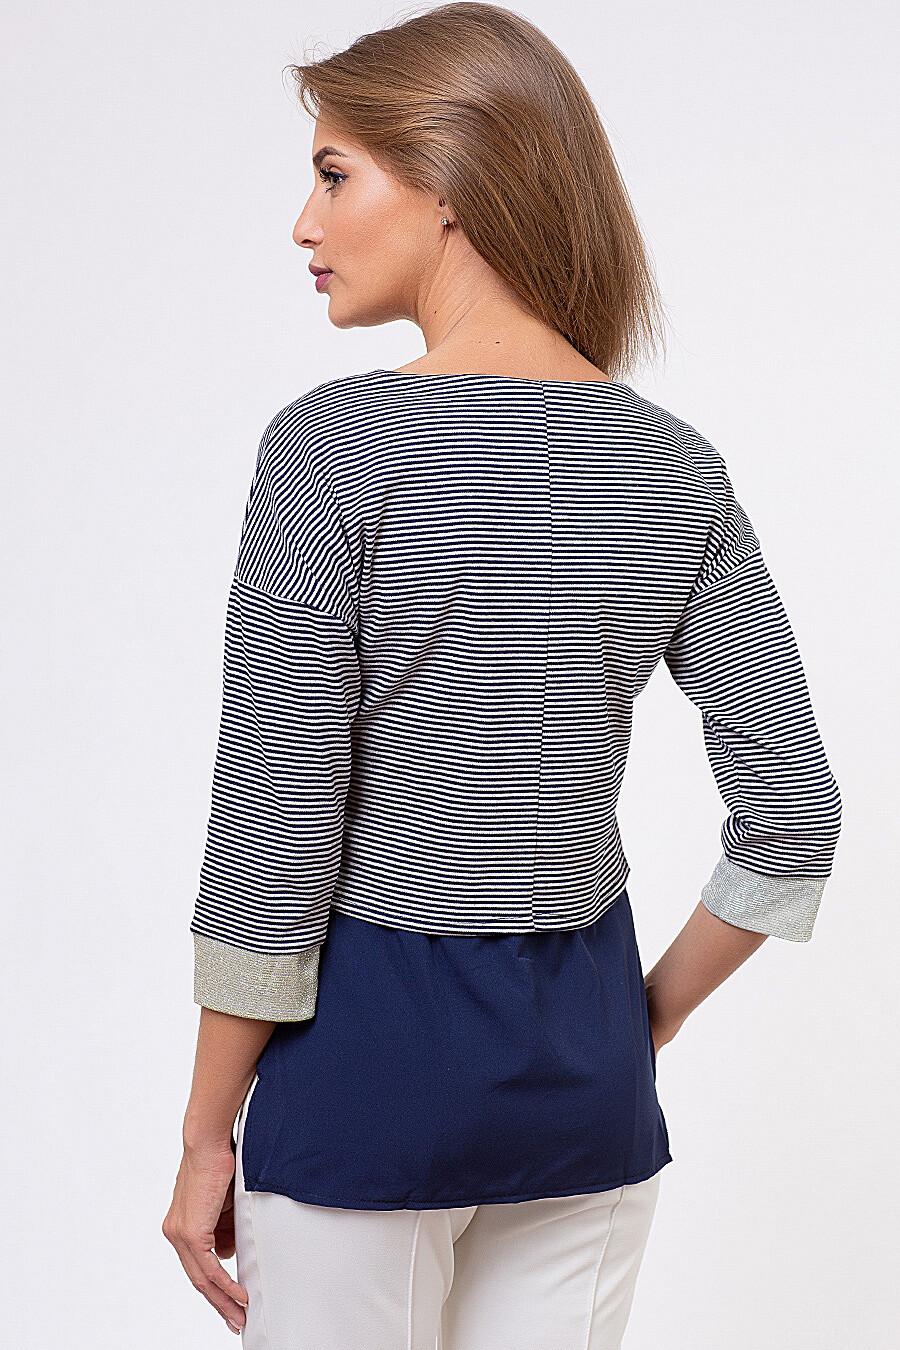 Блуза TuTachi (127374), купить в Moyo.moda